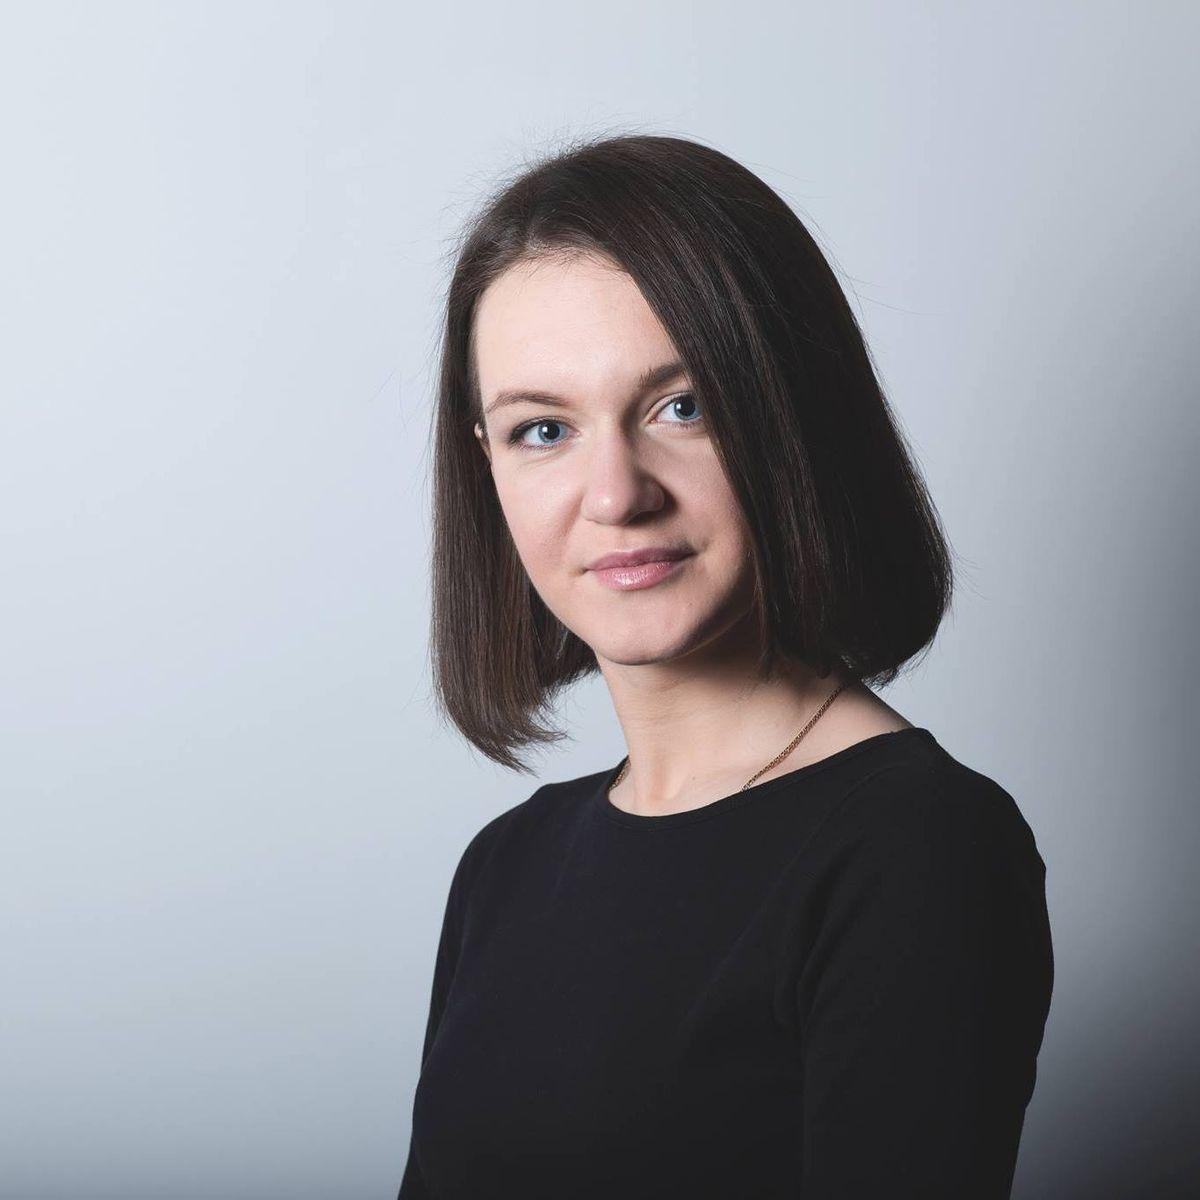 Полина Жукунова запустила интернет-магазин цветов